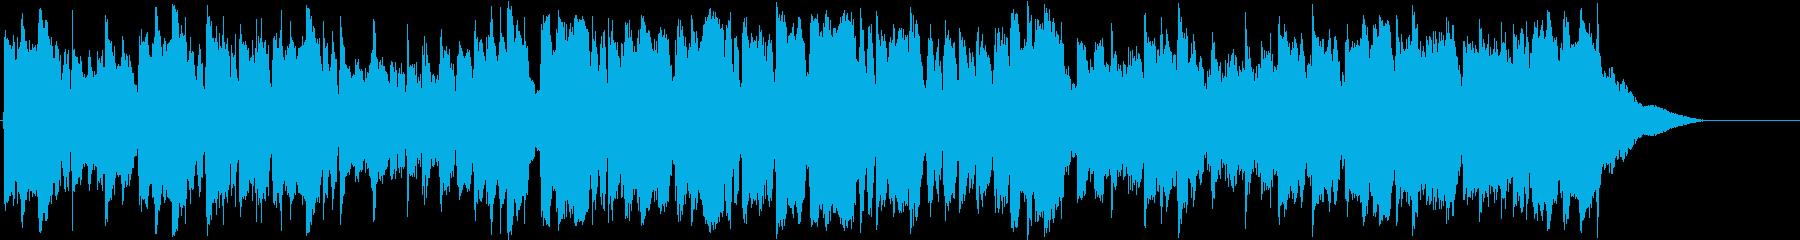 ほのぼのして温かい紀行風BGMの再生済みの波形